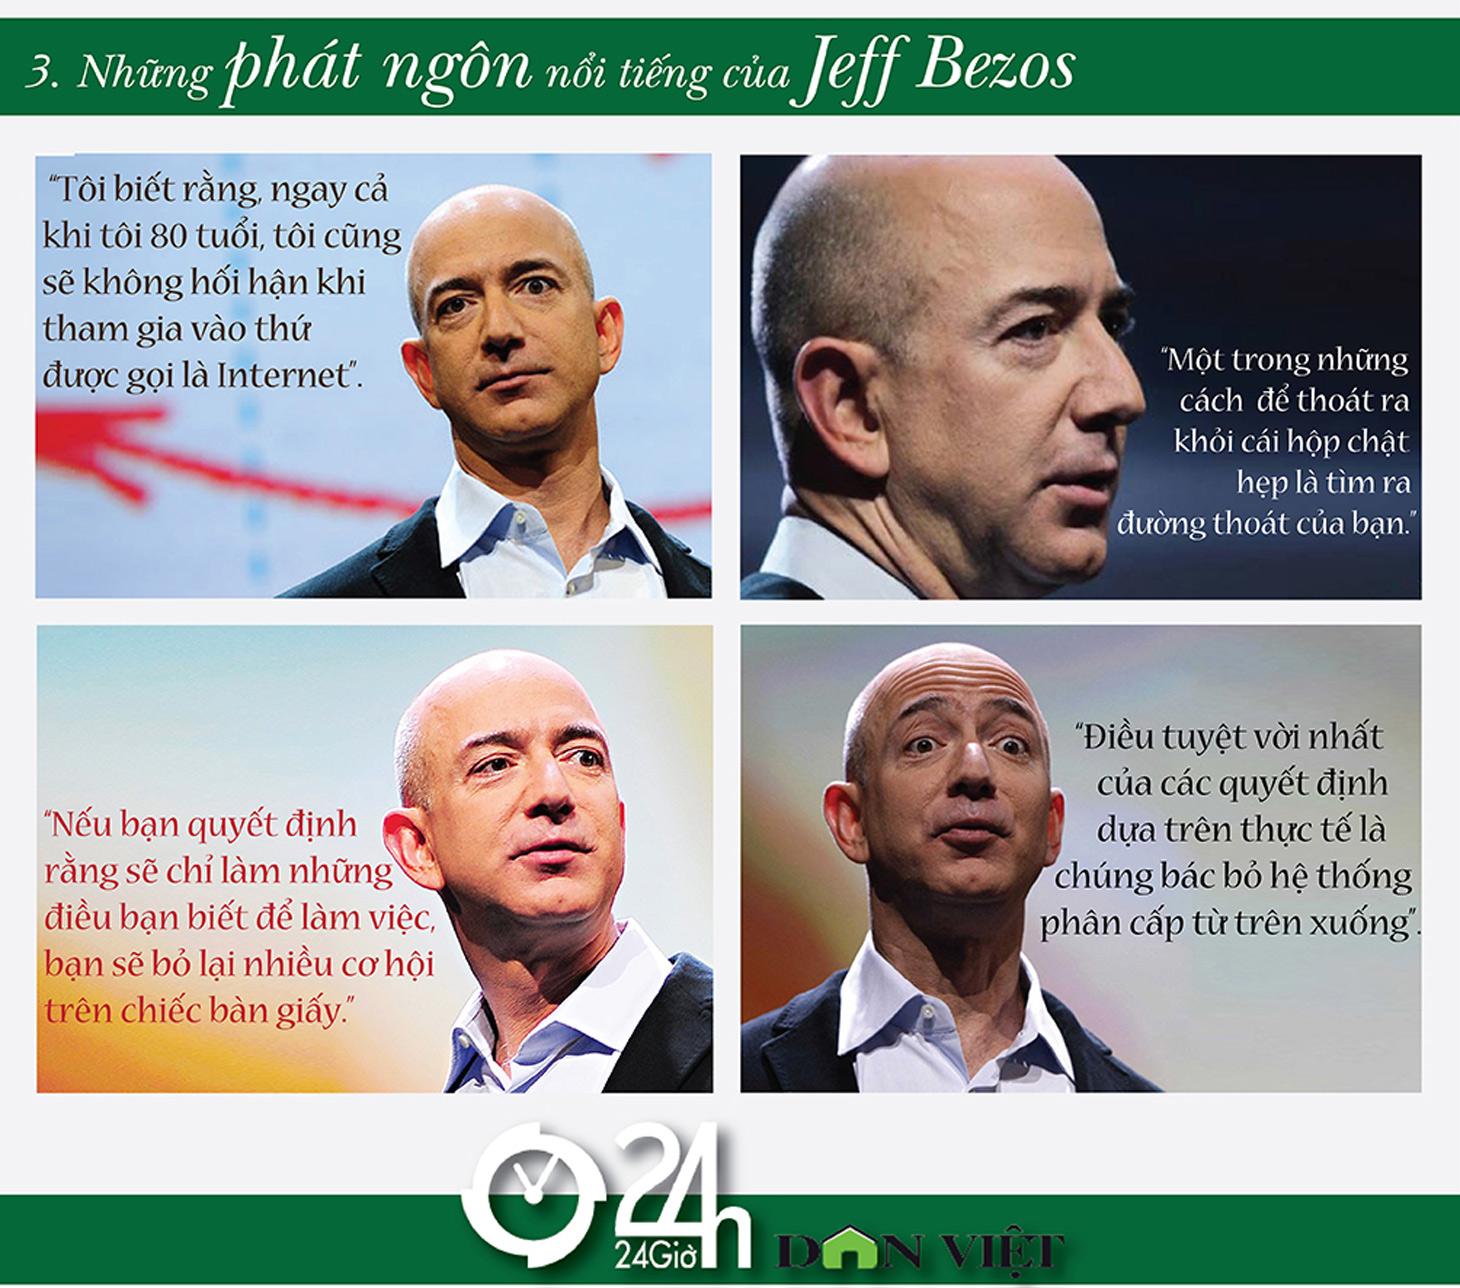 Jeff Bezos - Tỉ phú giàu thứ 2 TG & chuyện ít người biết đến - 3